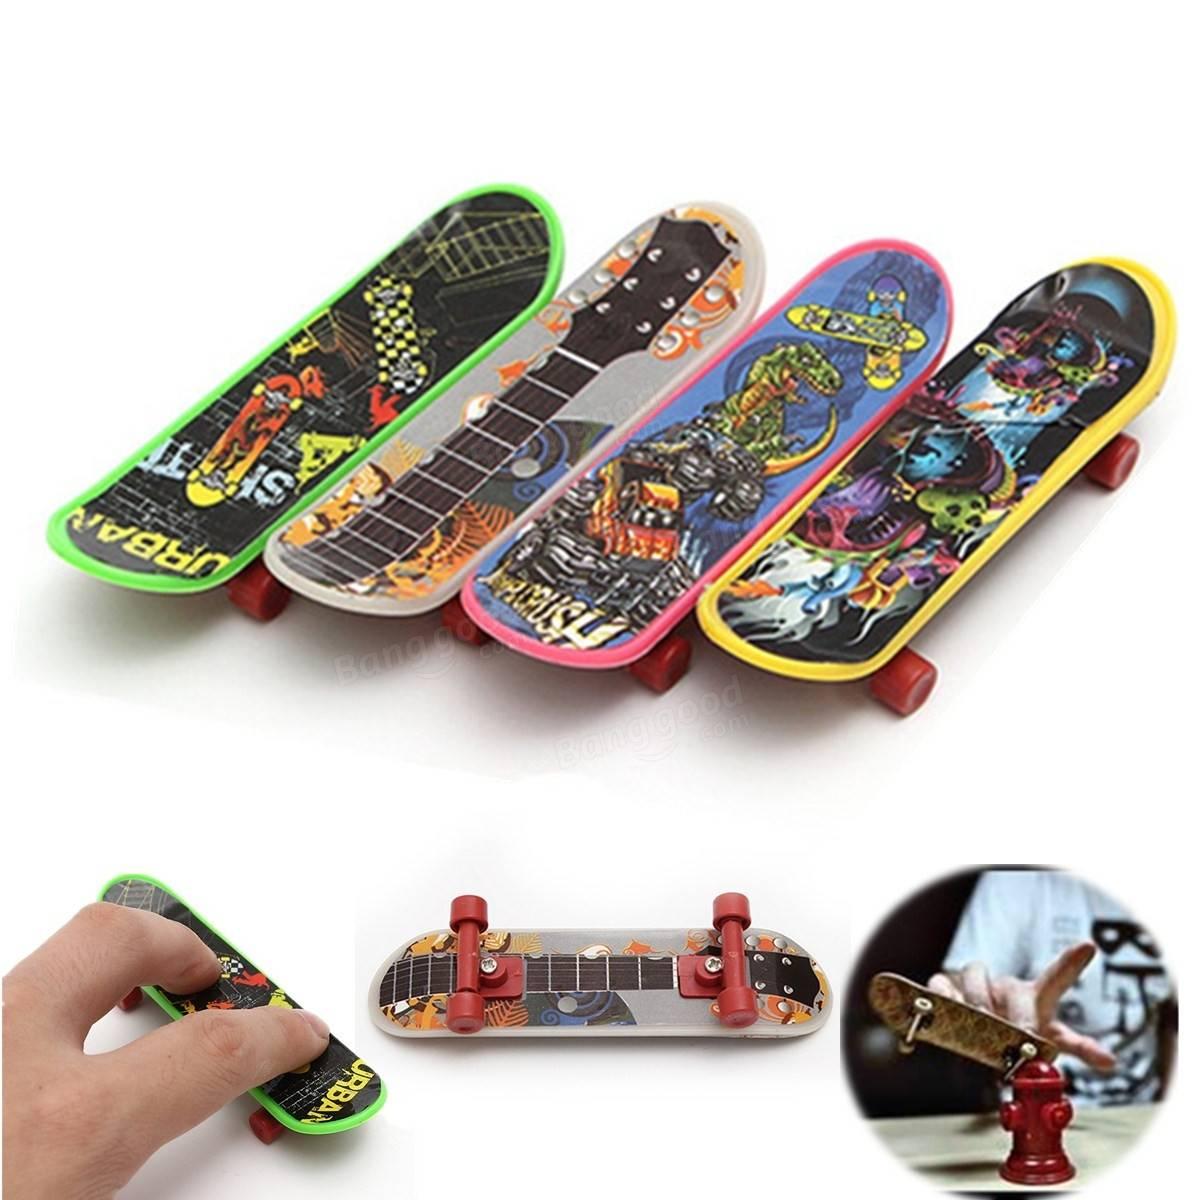 tech deck finger board mini skateboards